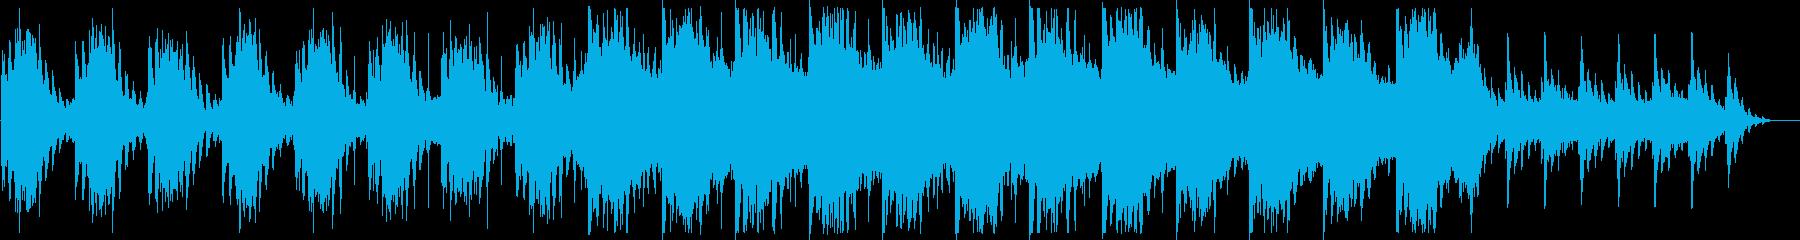 幻想的でダークなBGM ショートの再生済みの波形